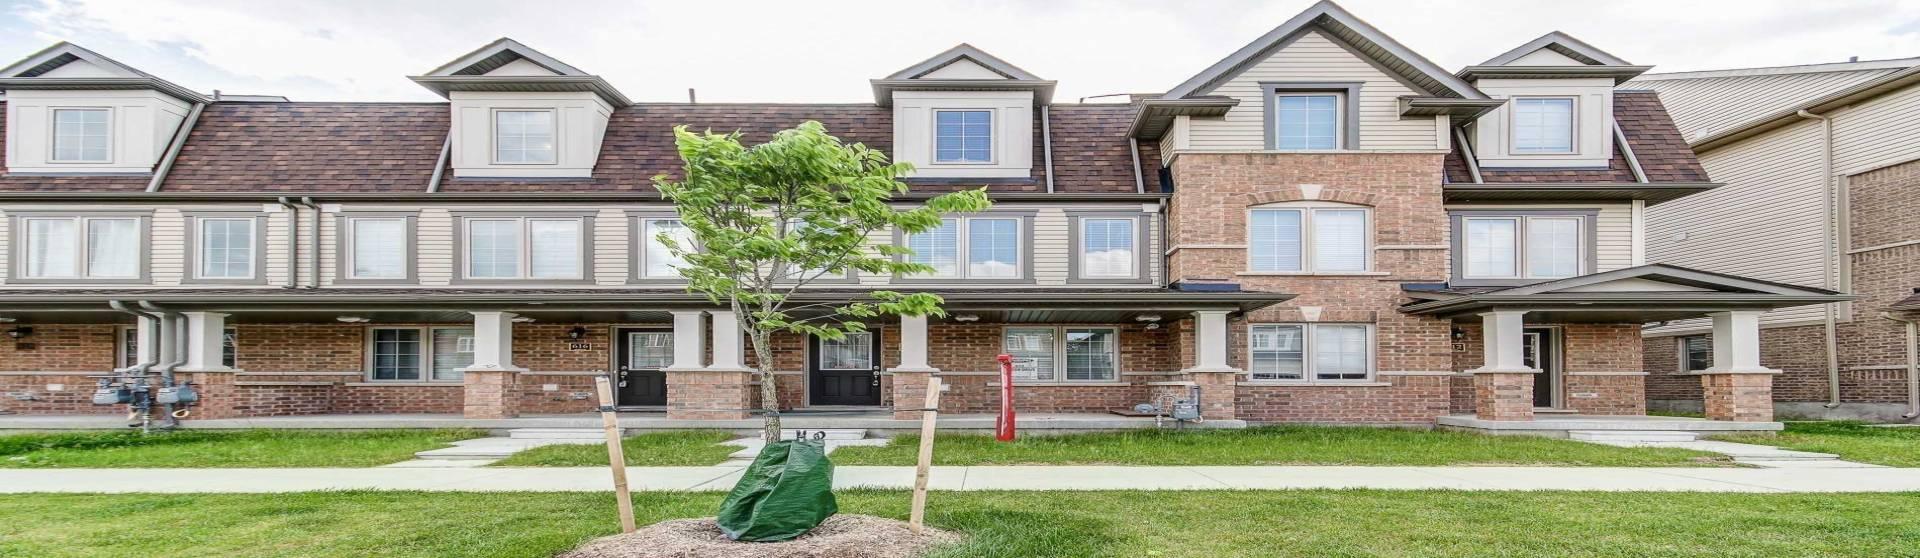 614 Linden Dr- Cambridge- Ontario N3H 0C7, 4 Bedrooms Bedrooms, 7 Rooms Rooms,3 BathroomsBathrooms,Att/row/twnhouse,Sale,Linden,X4811249